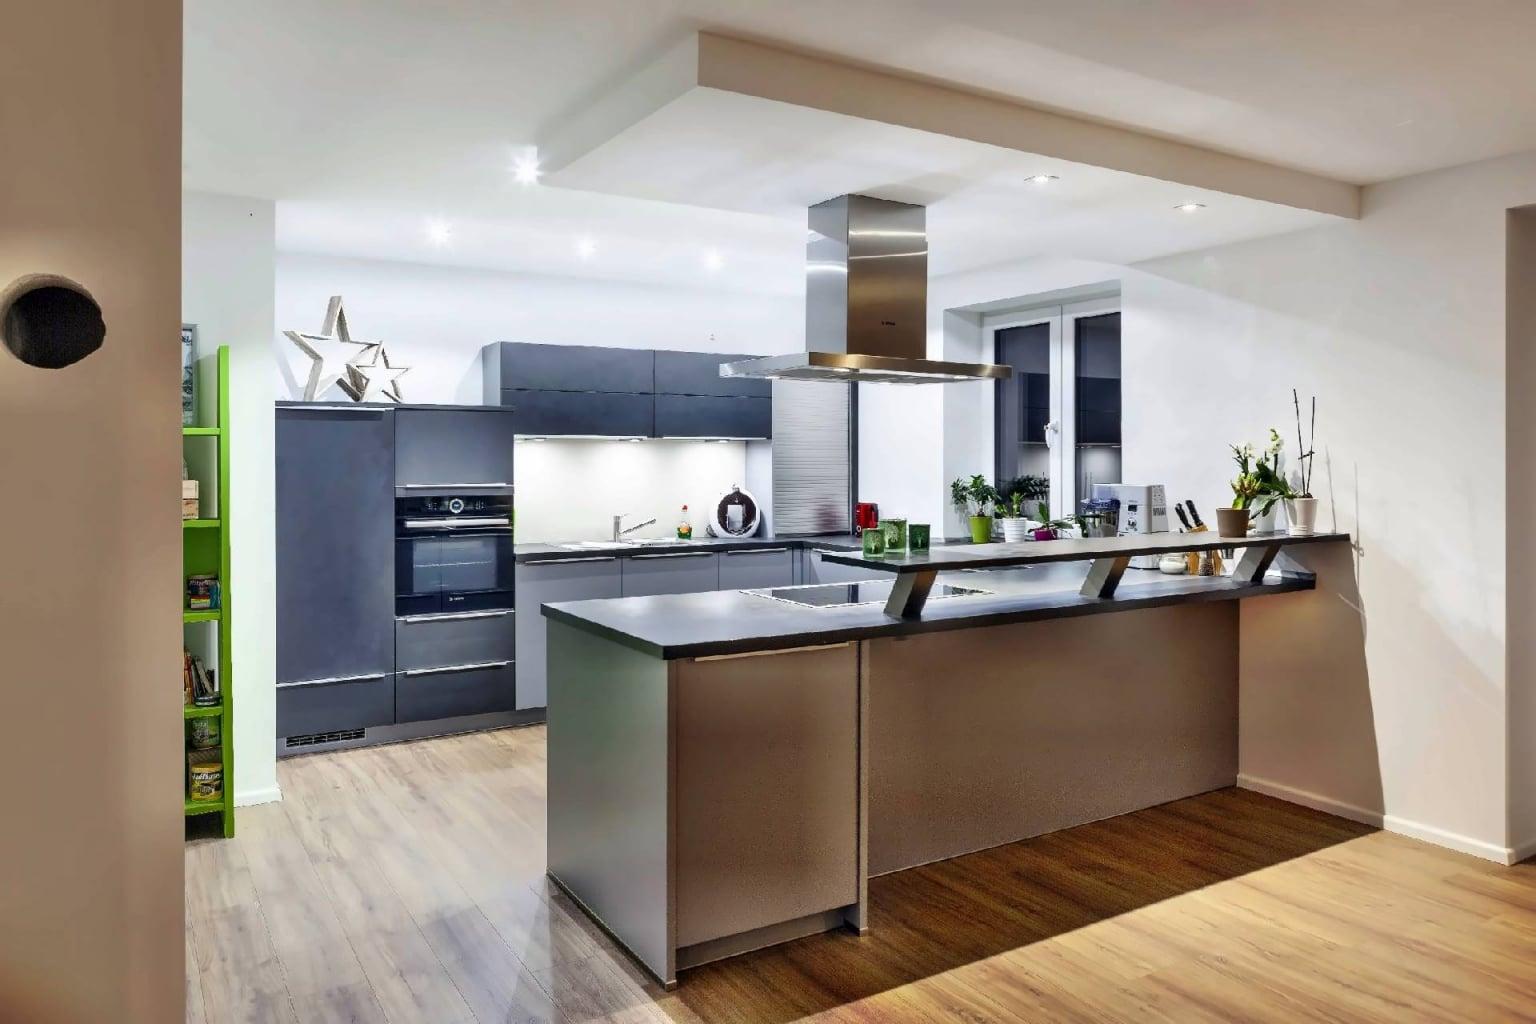 U-förmige Küche offen zum Wohnraum (8)